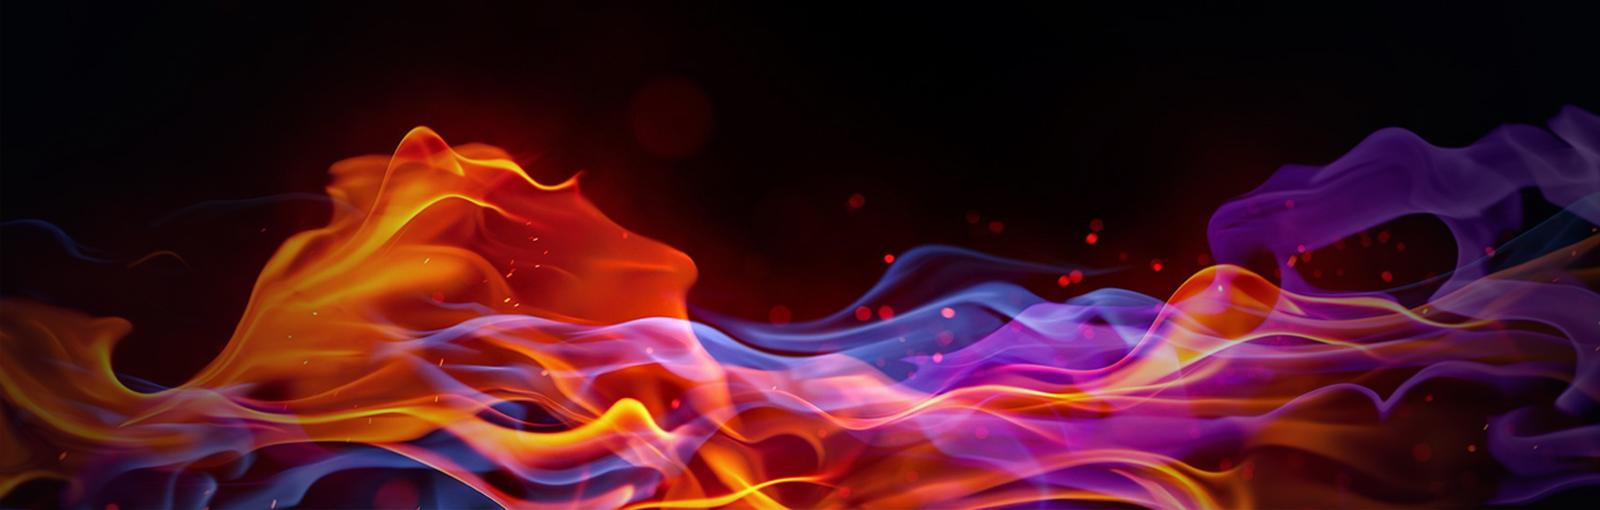 Haven Fire & Safety L L C